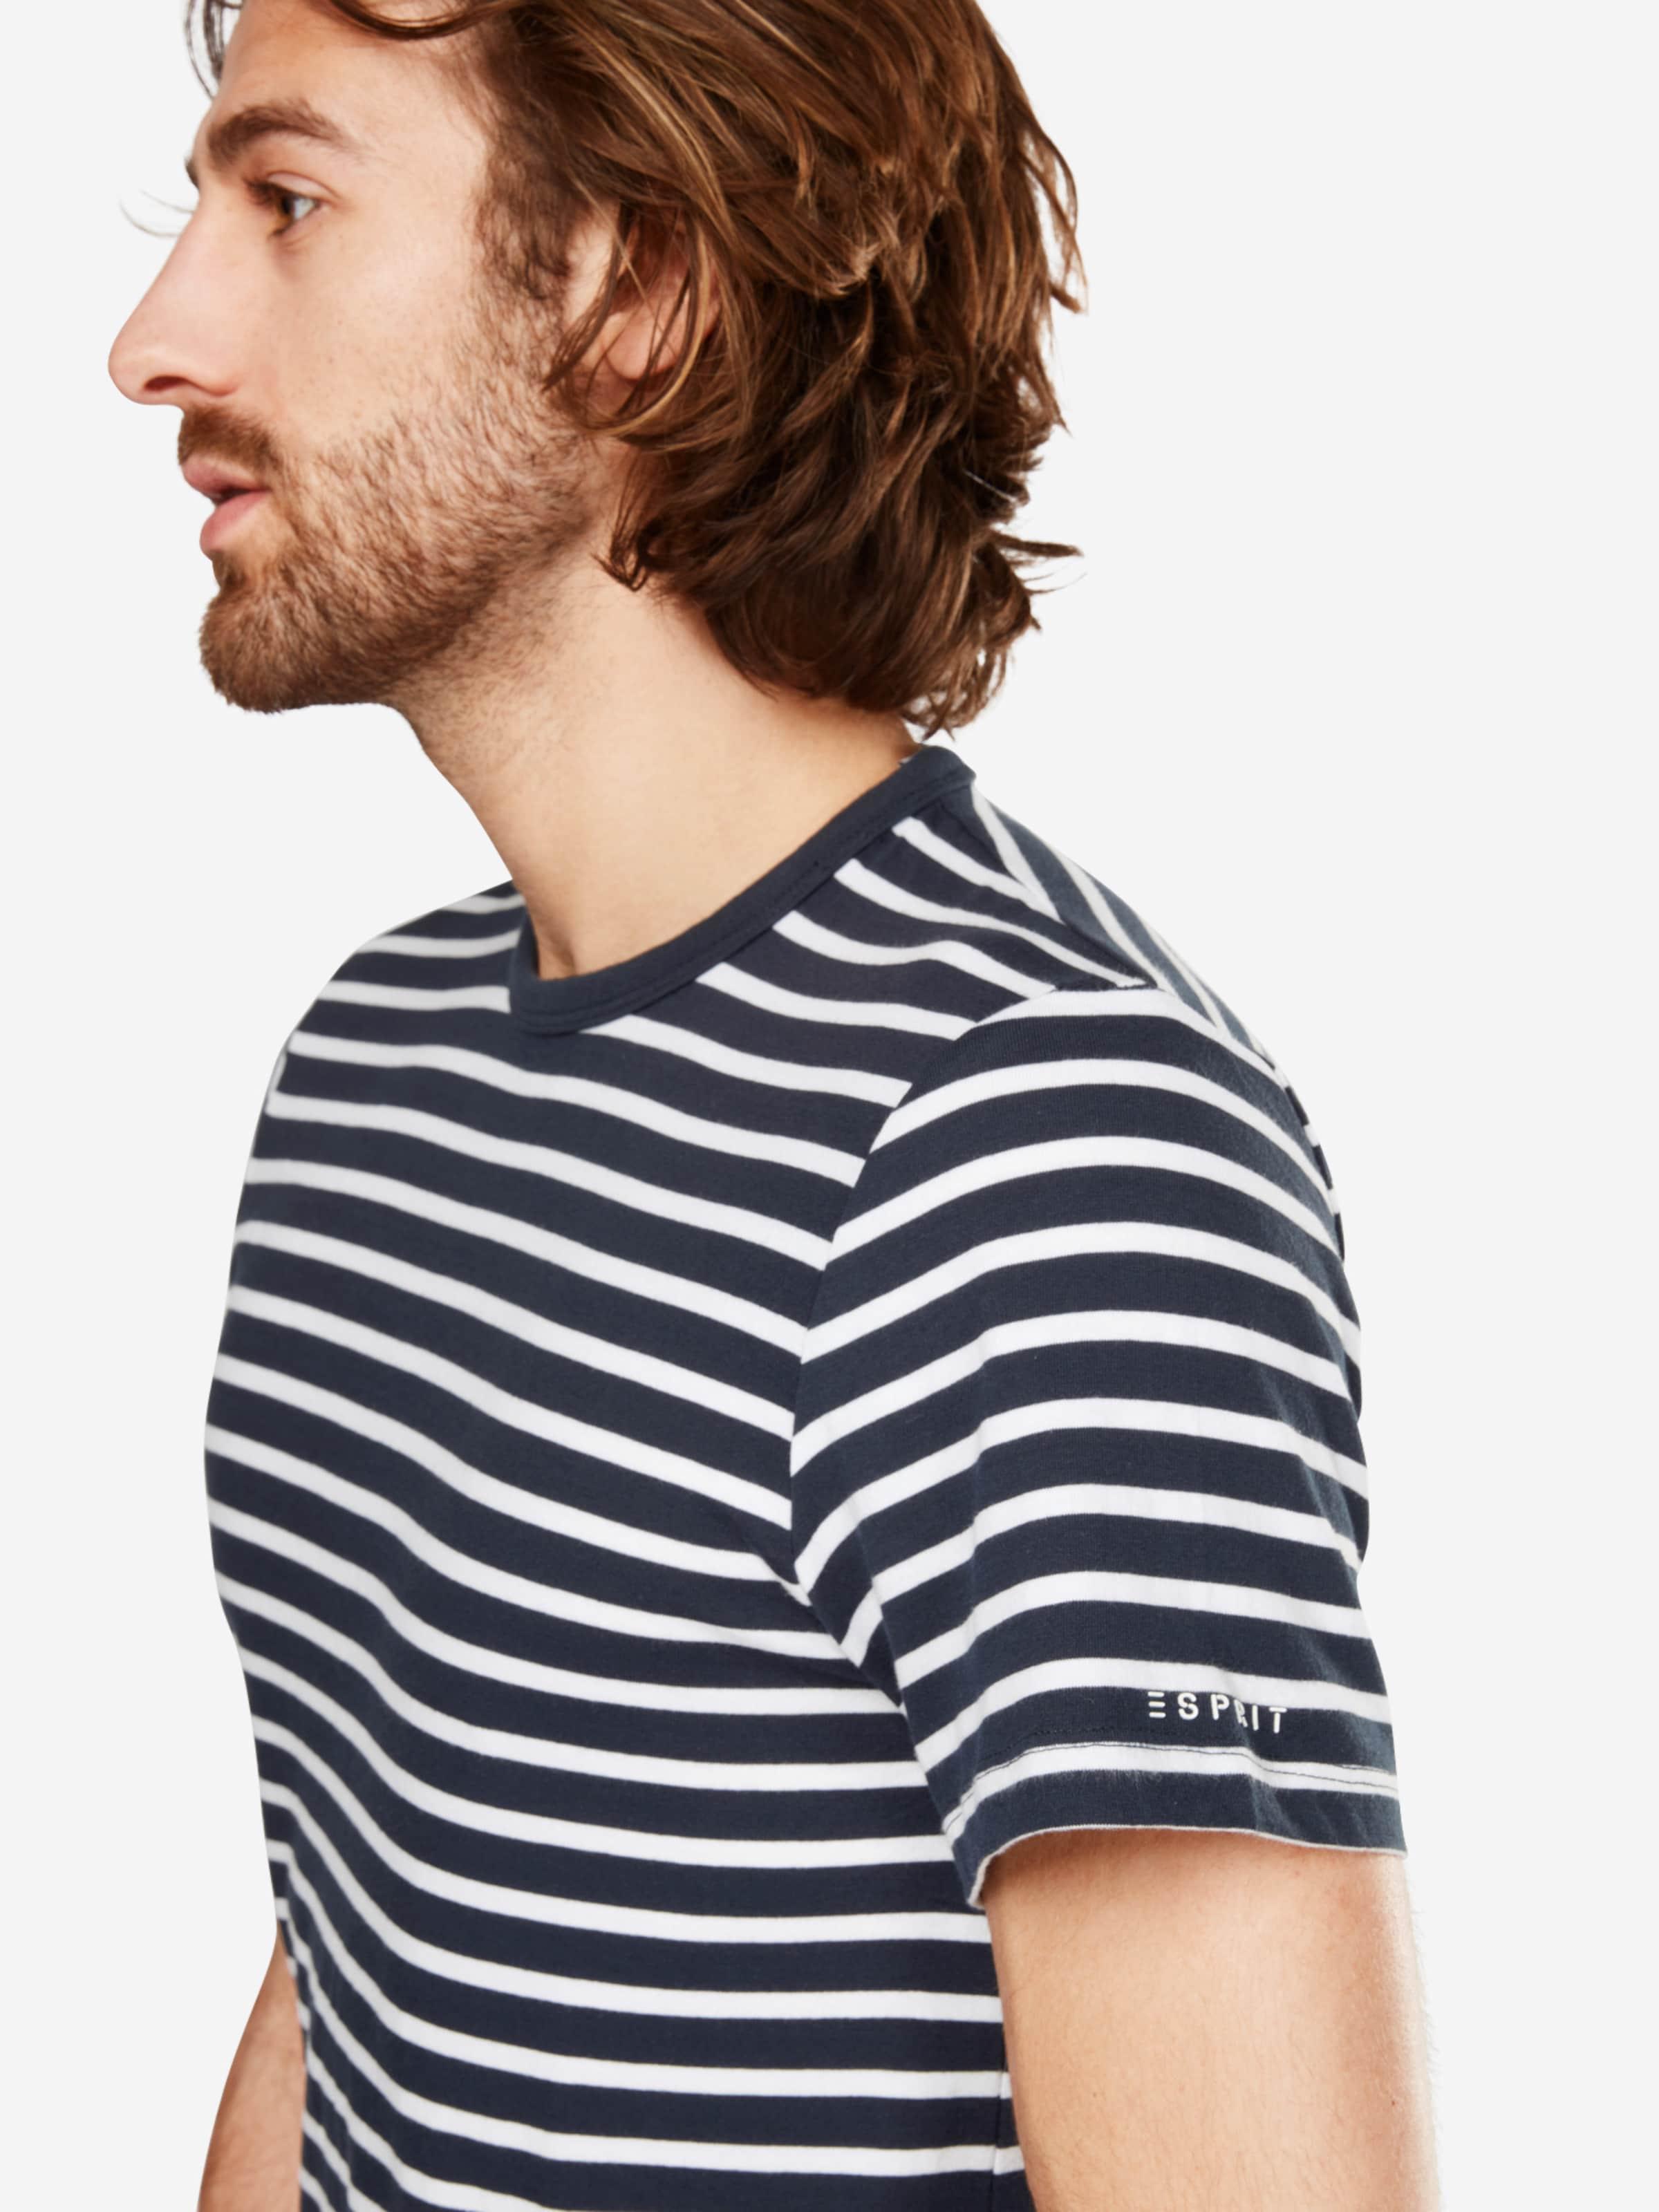 ESPRIT T-Shirt Factory Outlet Günstig Online Billig Vorbestellung Spielraum Spielraum Store Discounter Standorten wxCWSzW